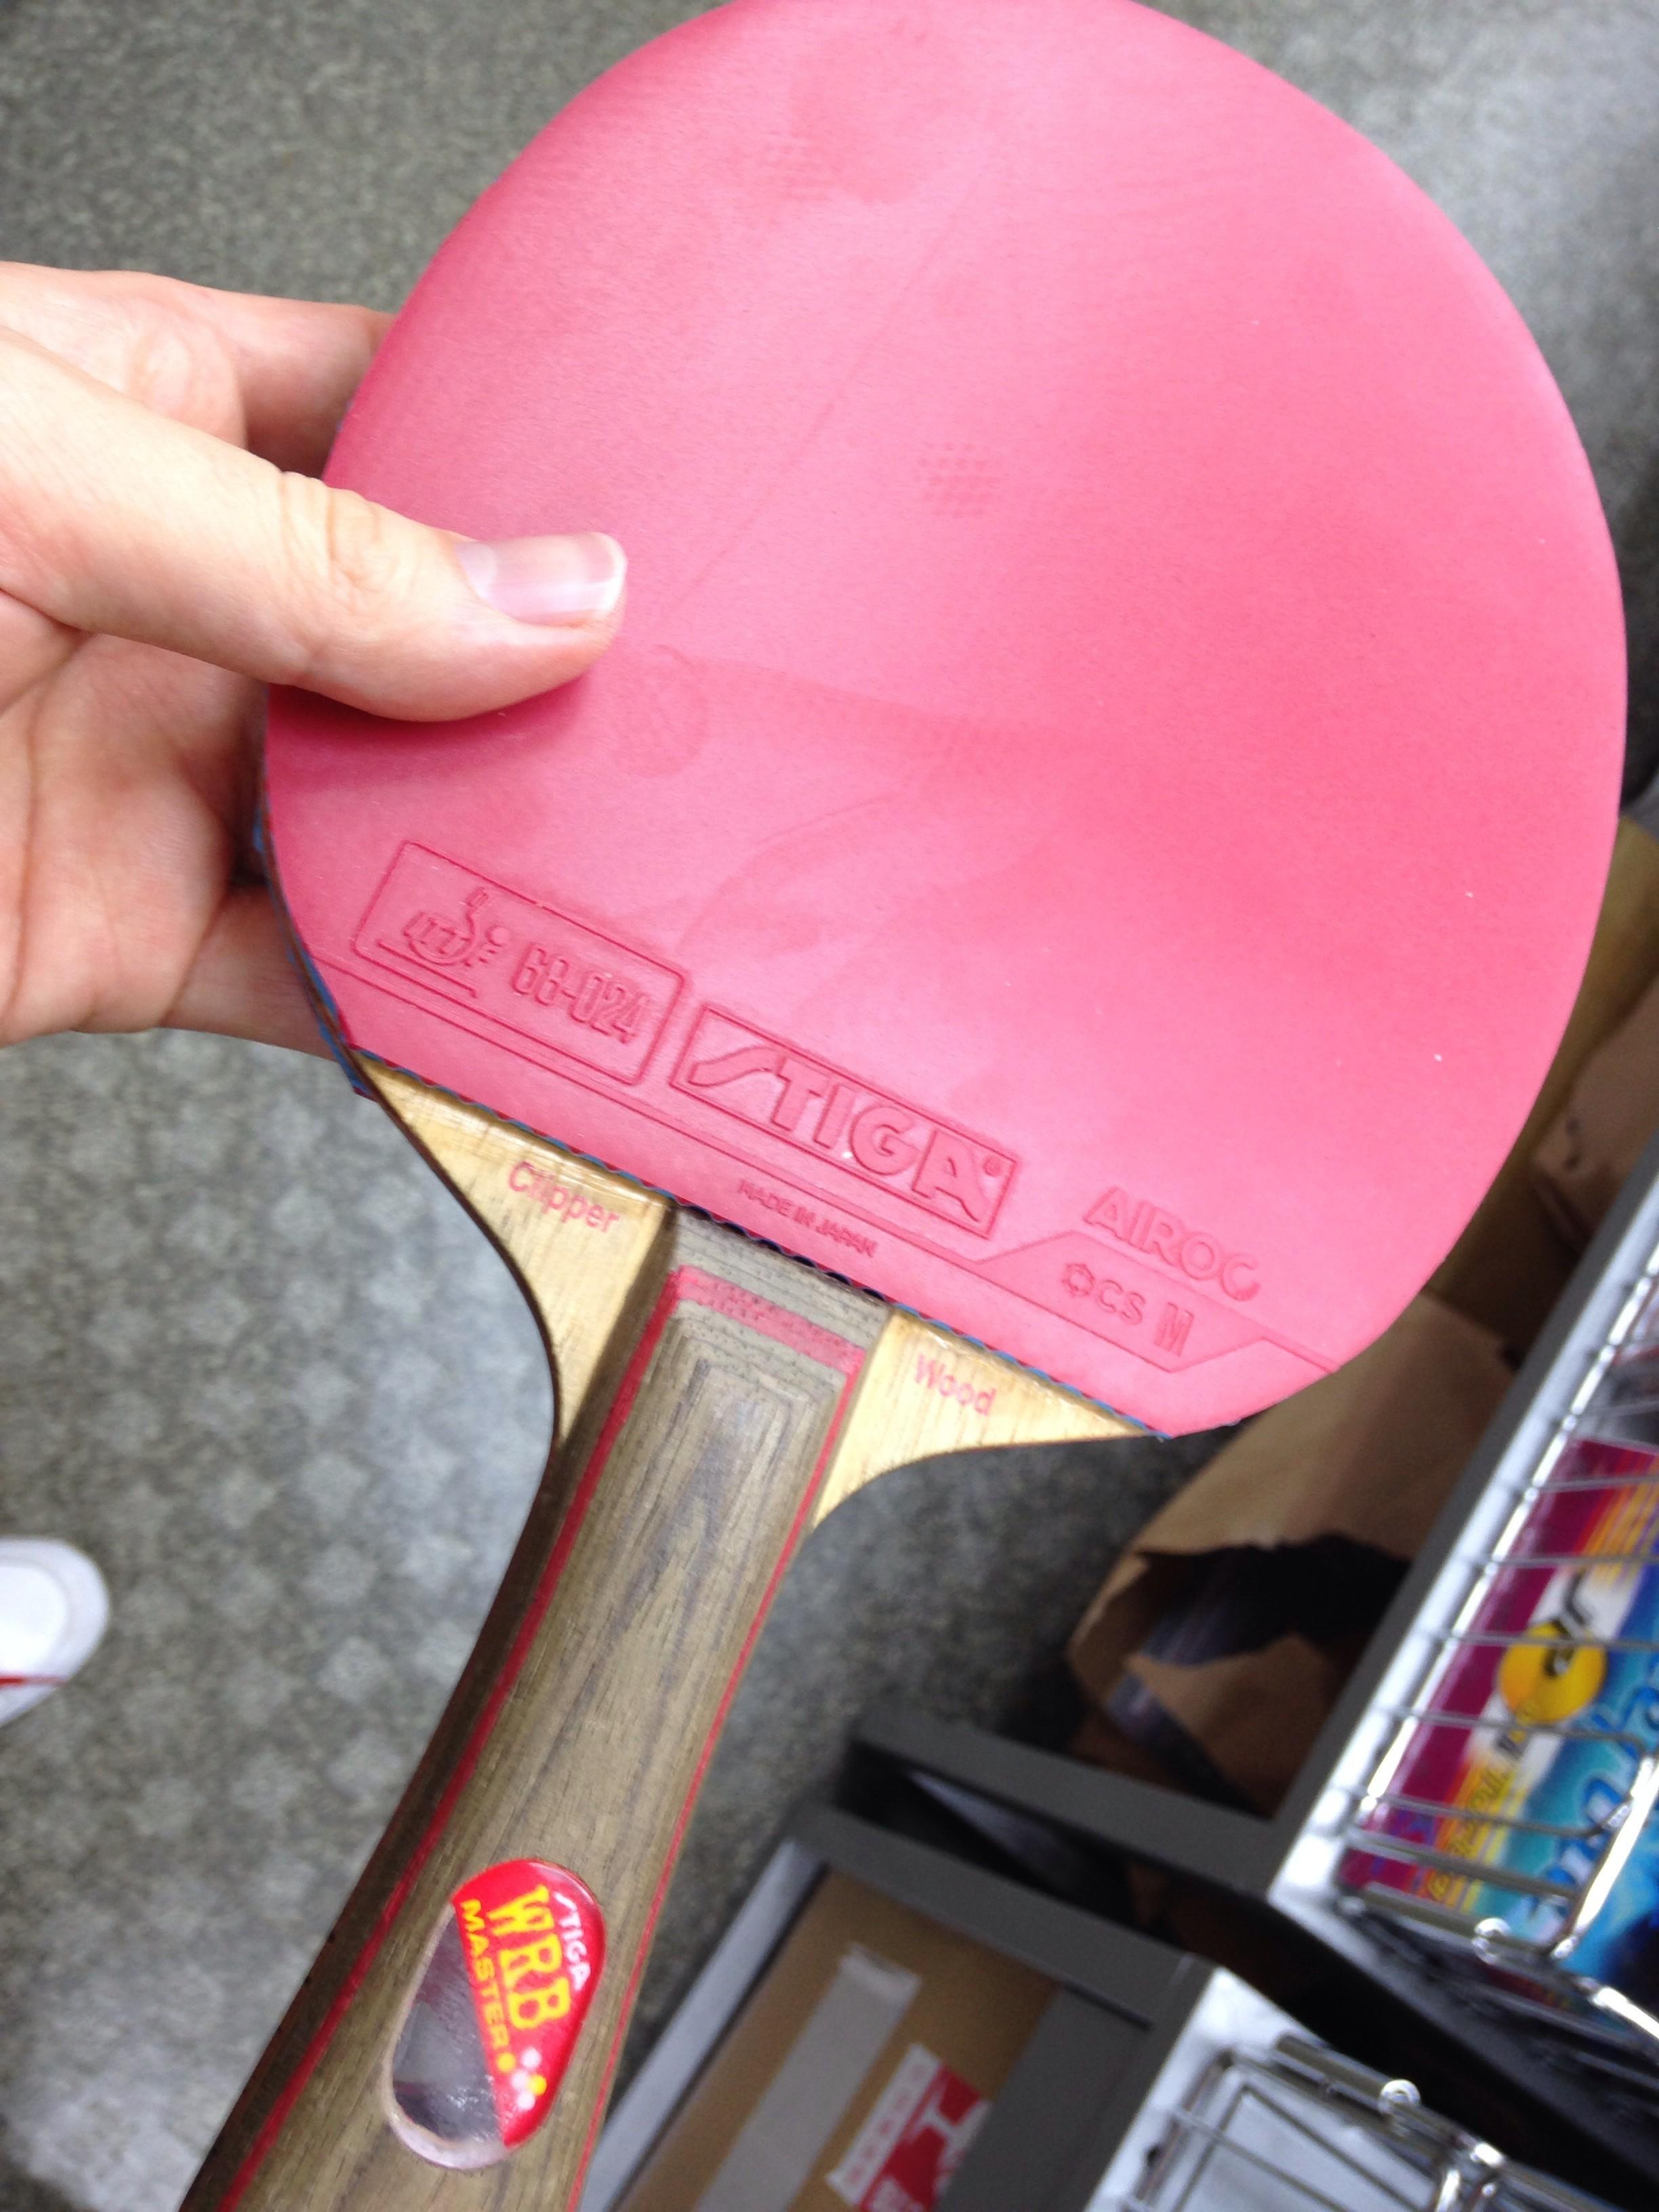 ぐっちぃの卓球活動日記【WRM】【過去記事】ラケットもラバーもオールスティガ!?エアロックSとエアロックMコメントトラックバック